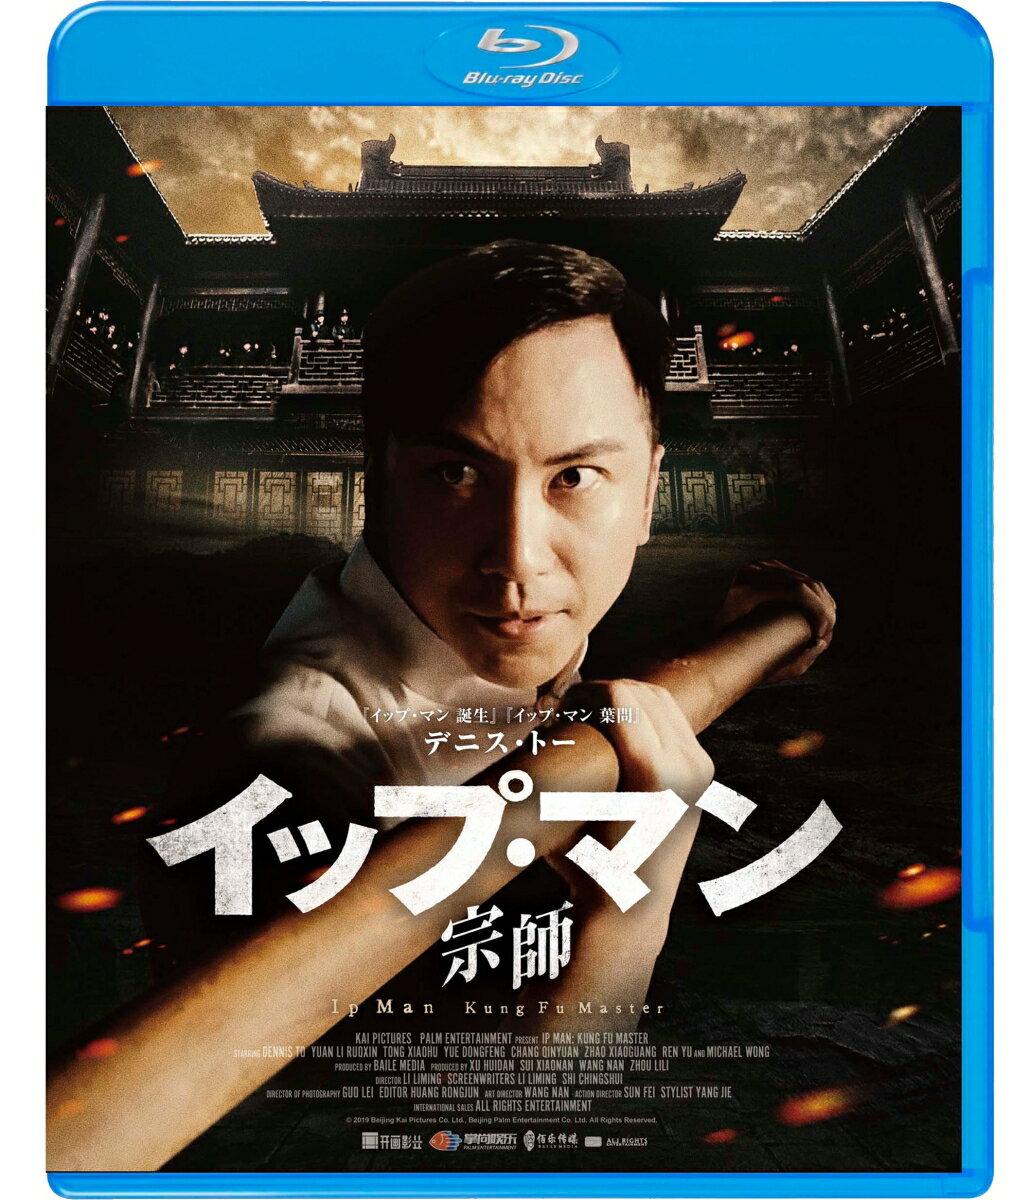 イップ・マン 宗師【Blu-ray】